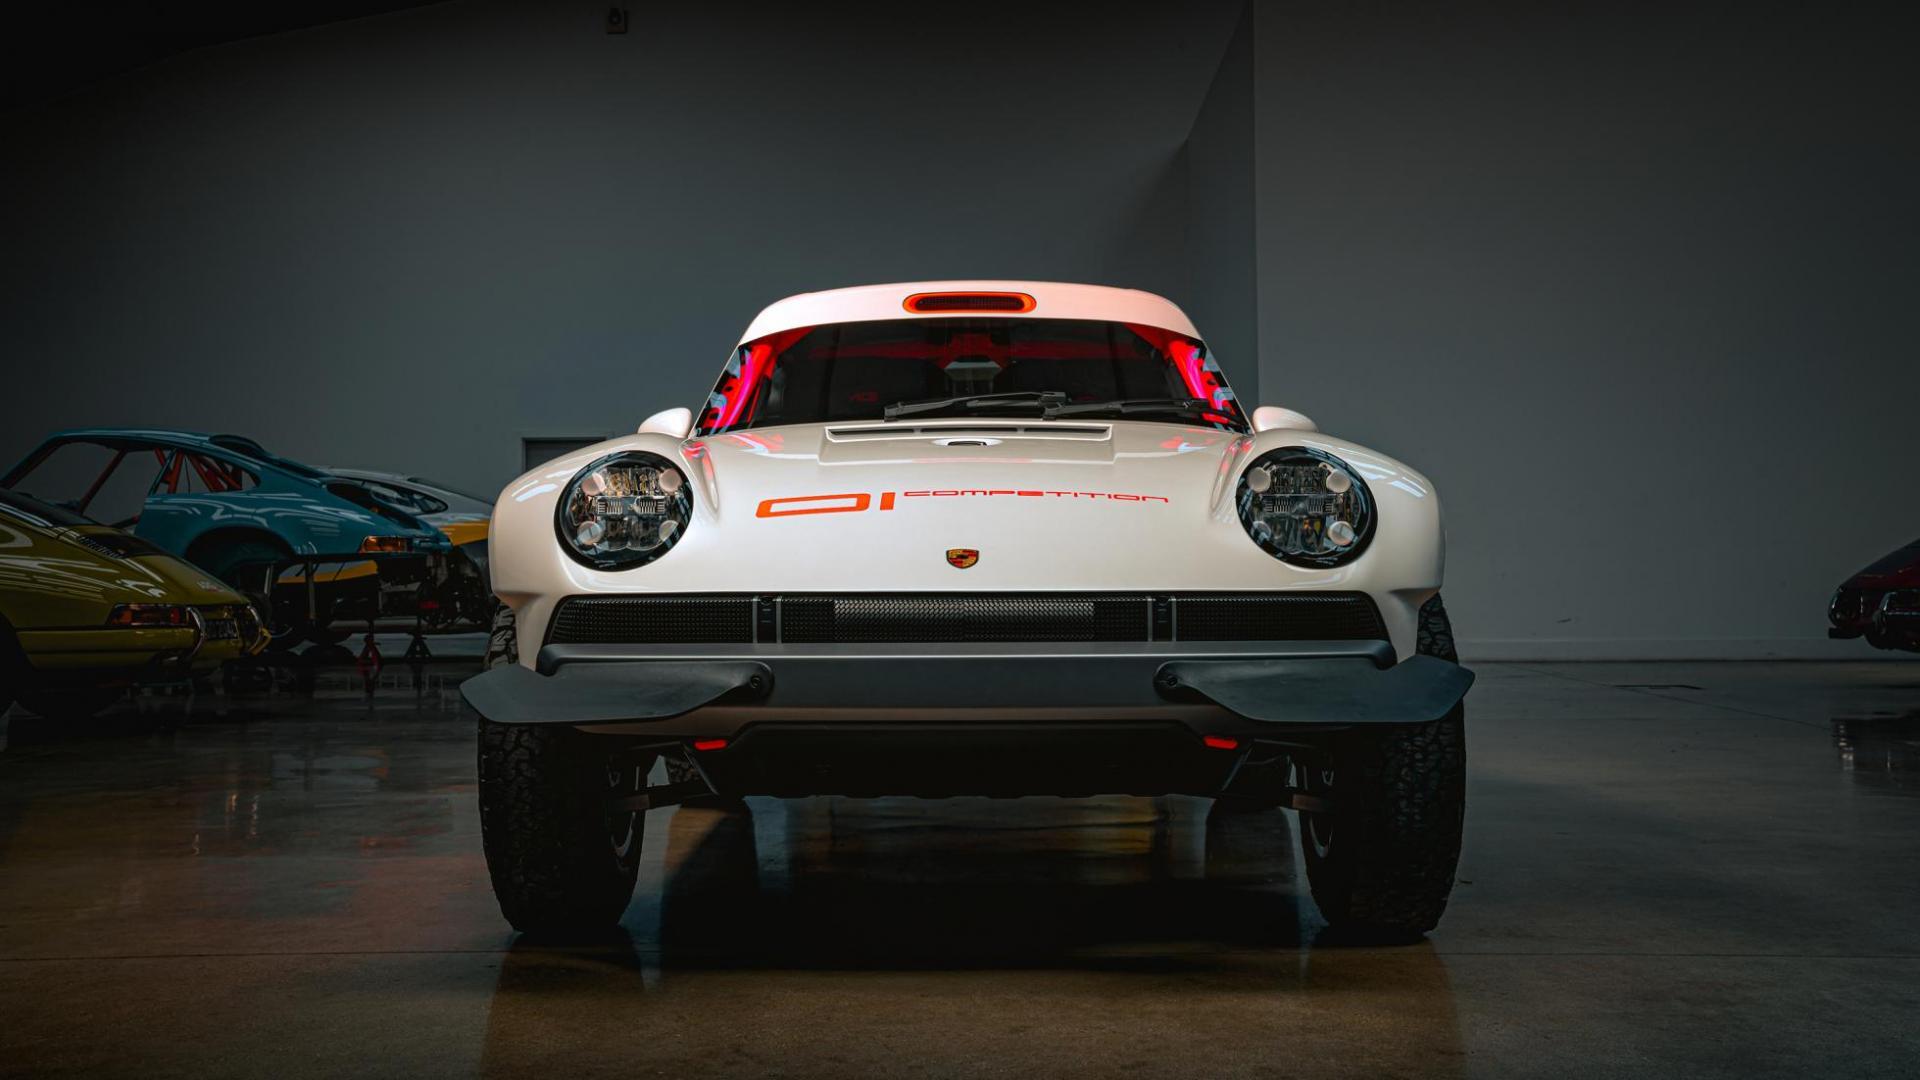 Voorkant Singer Safari 911 (Porsche 911 964) in de garage